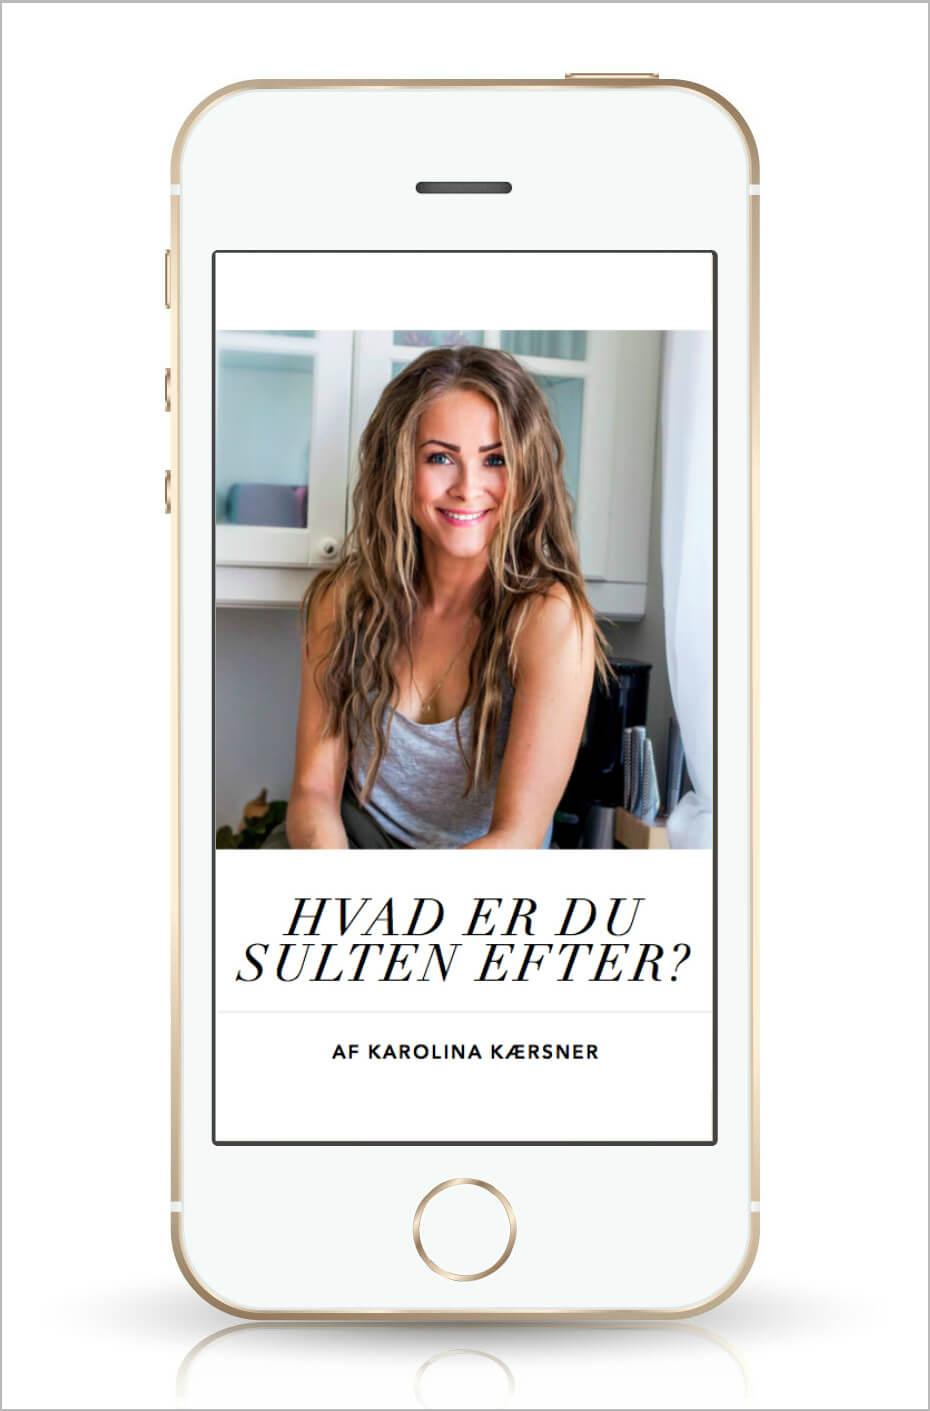 Overspisning: Hvad er du sulten efter? e bog af Karolina Kærsner